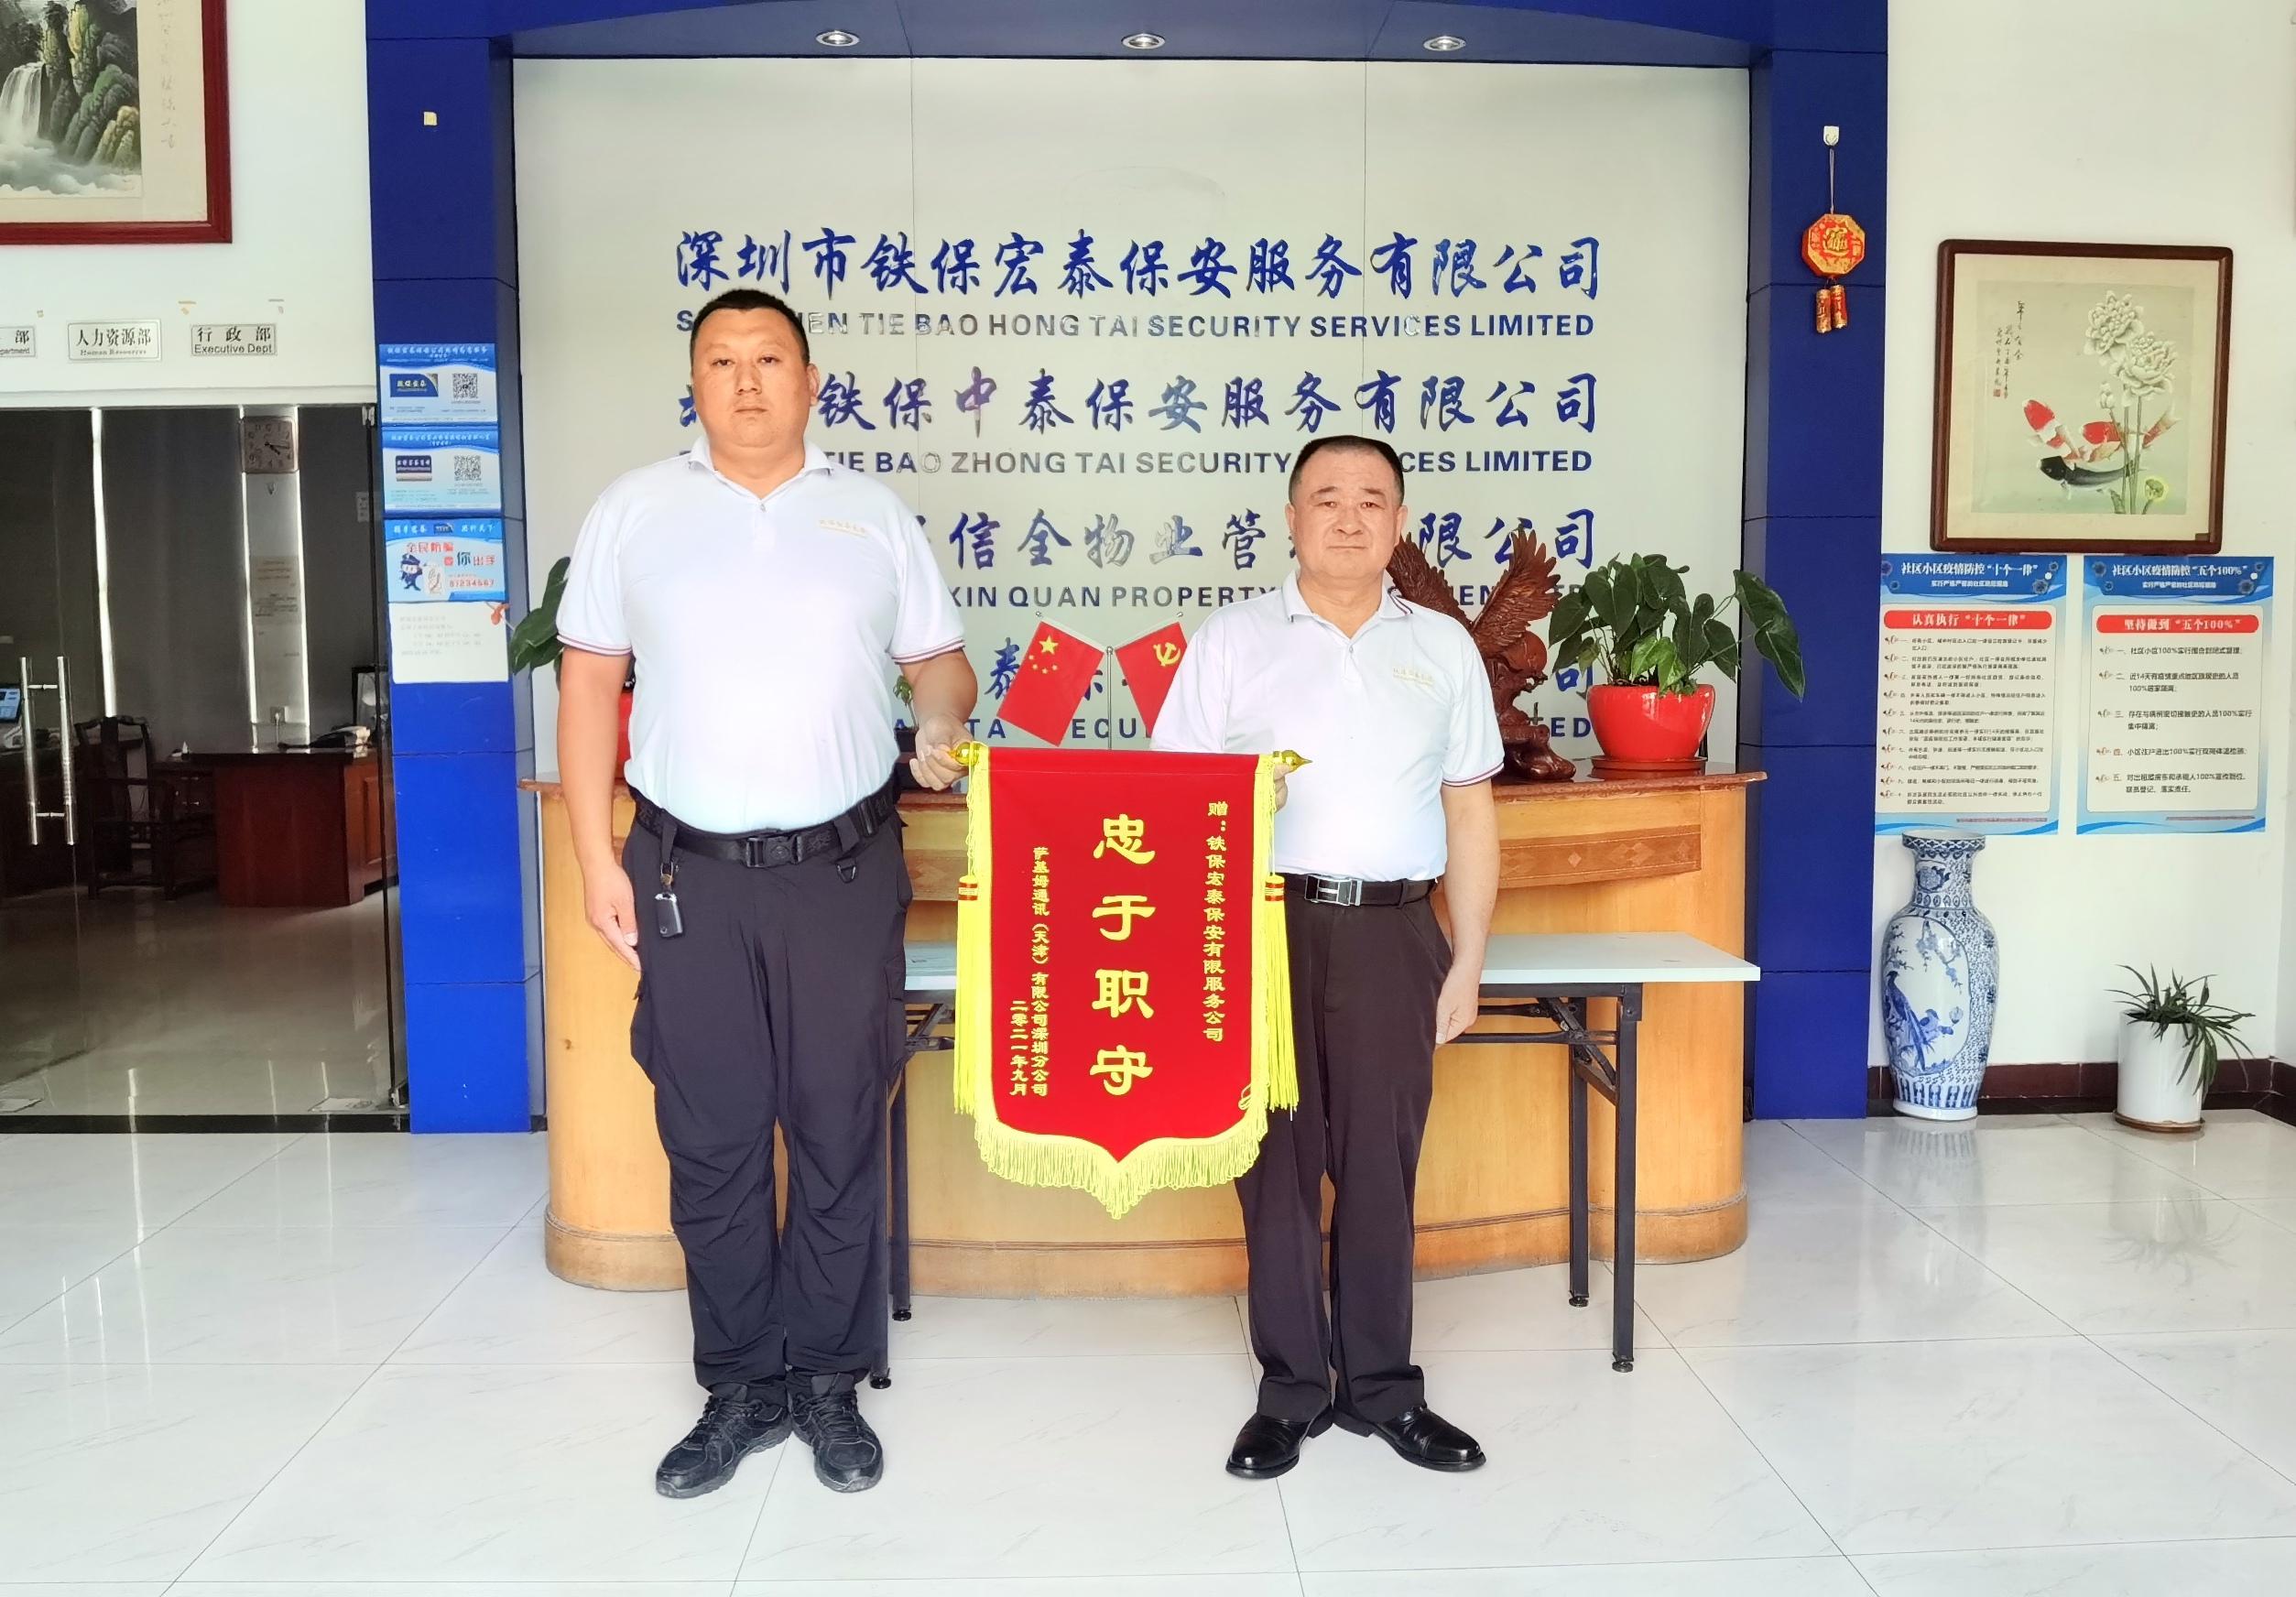 萨基姆通讯深圳公司致信表扬我司保安员工作积极